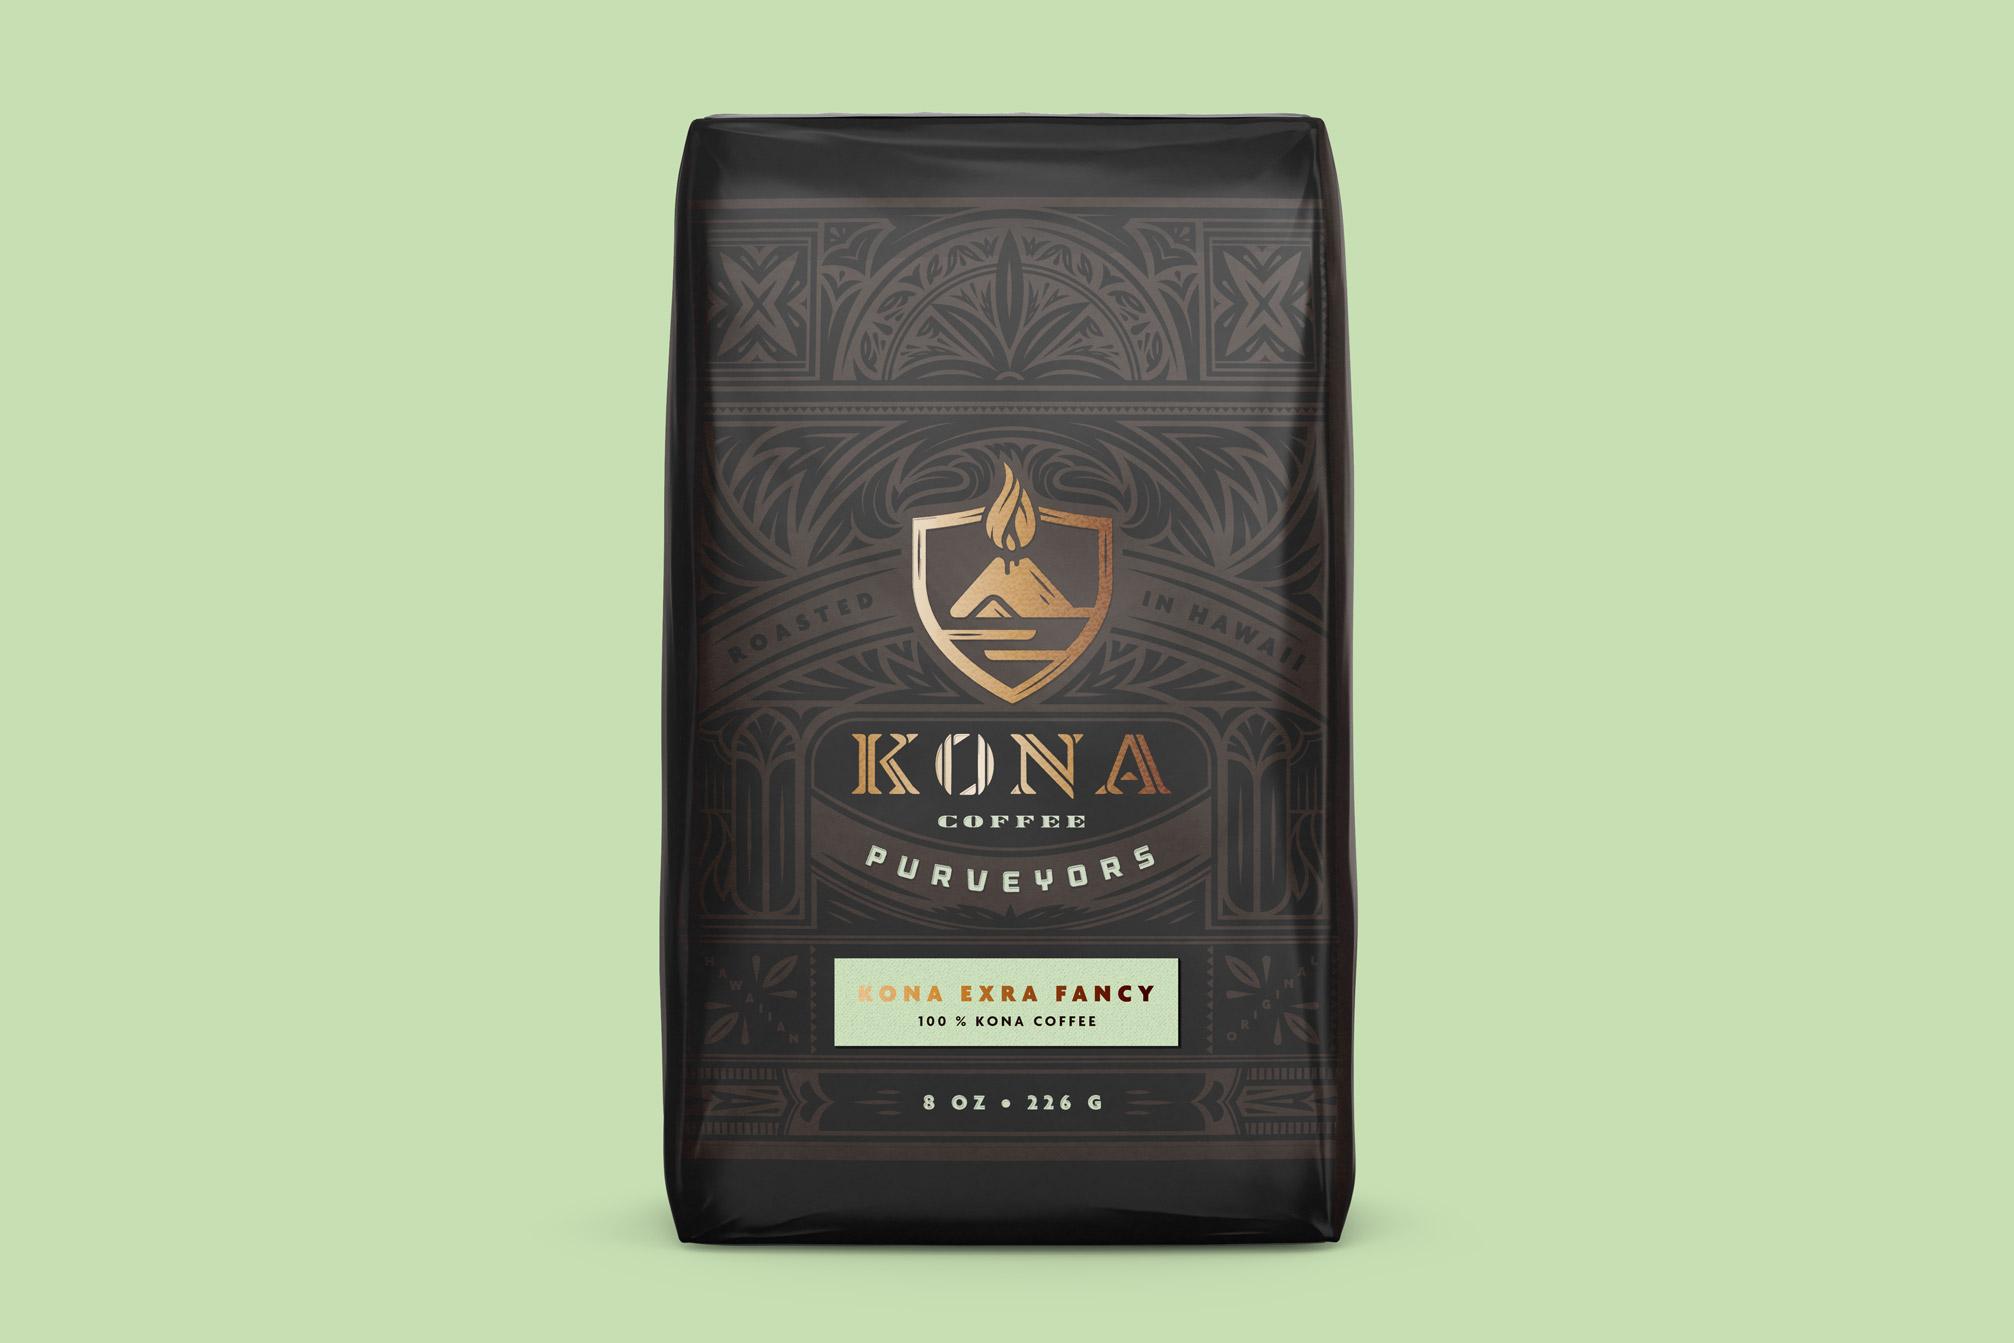 Kona-1.jpg